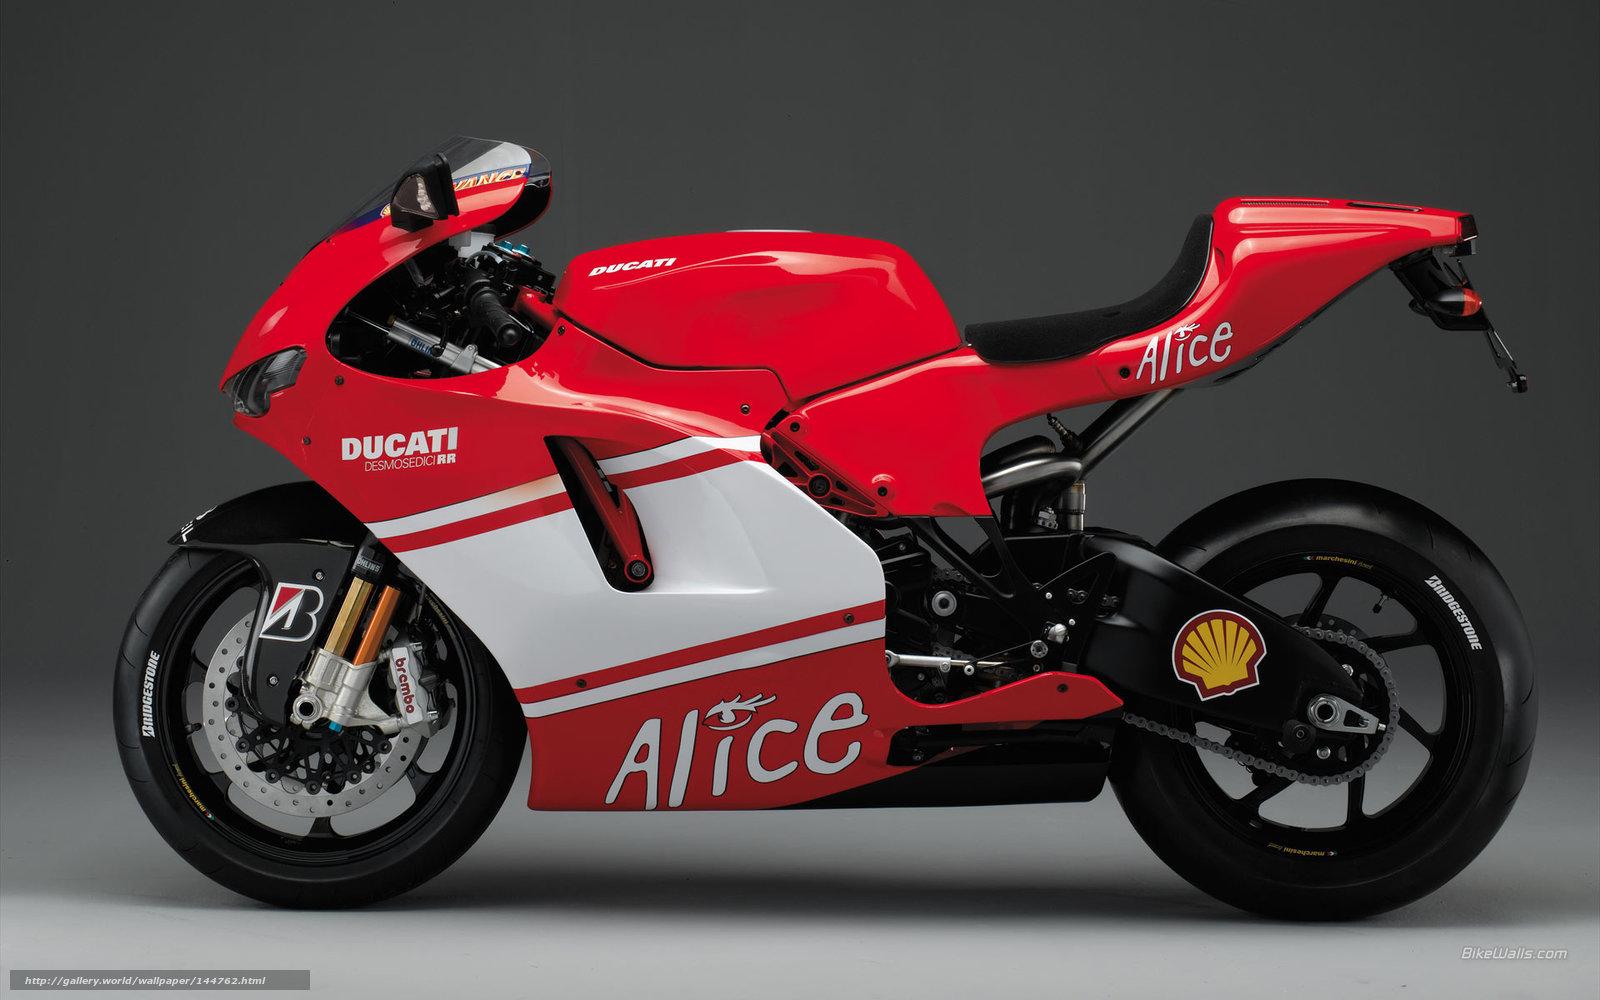 Скачать обои Ducati,  Superbike,  Desmosedici RR,  Desmosedici RR 2006 бесплатно для рабочего стола в разрешении 1920x1200 — картинка №144762